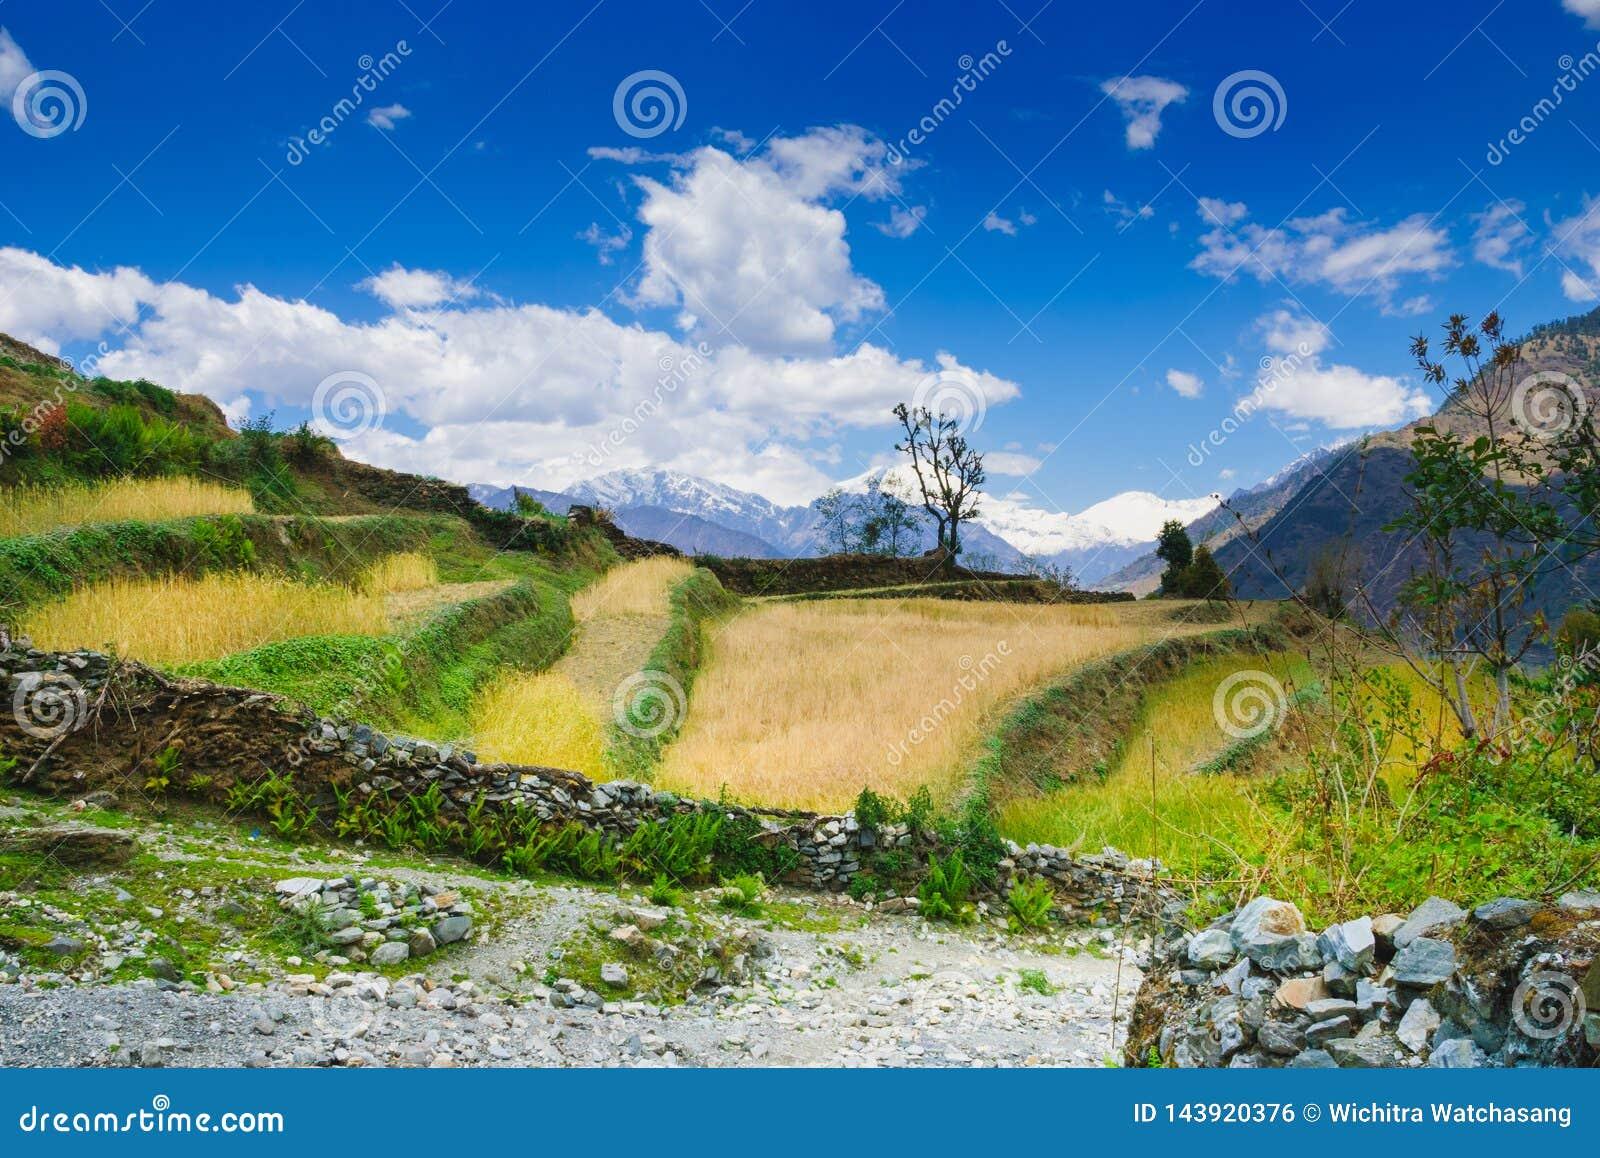 Montanhas do circuito de Annapurna, fugas trekking populares em Nepal